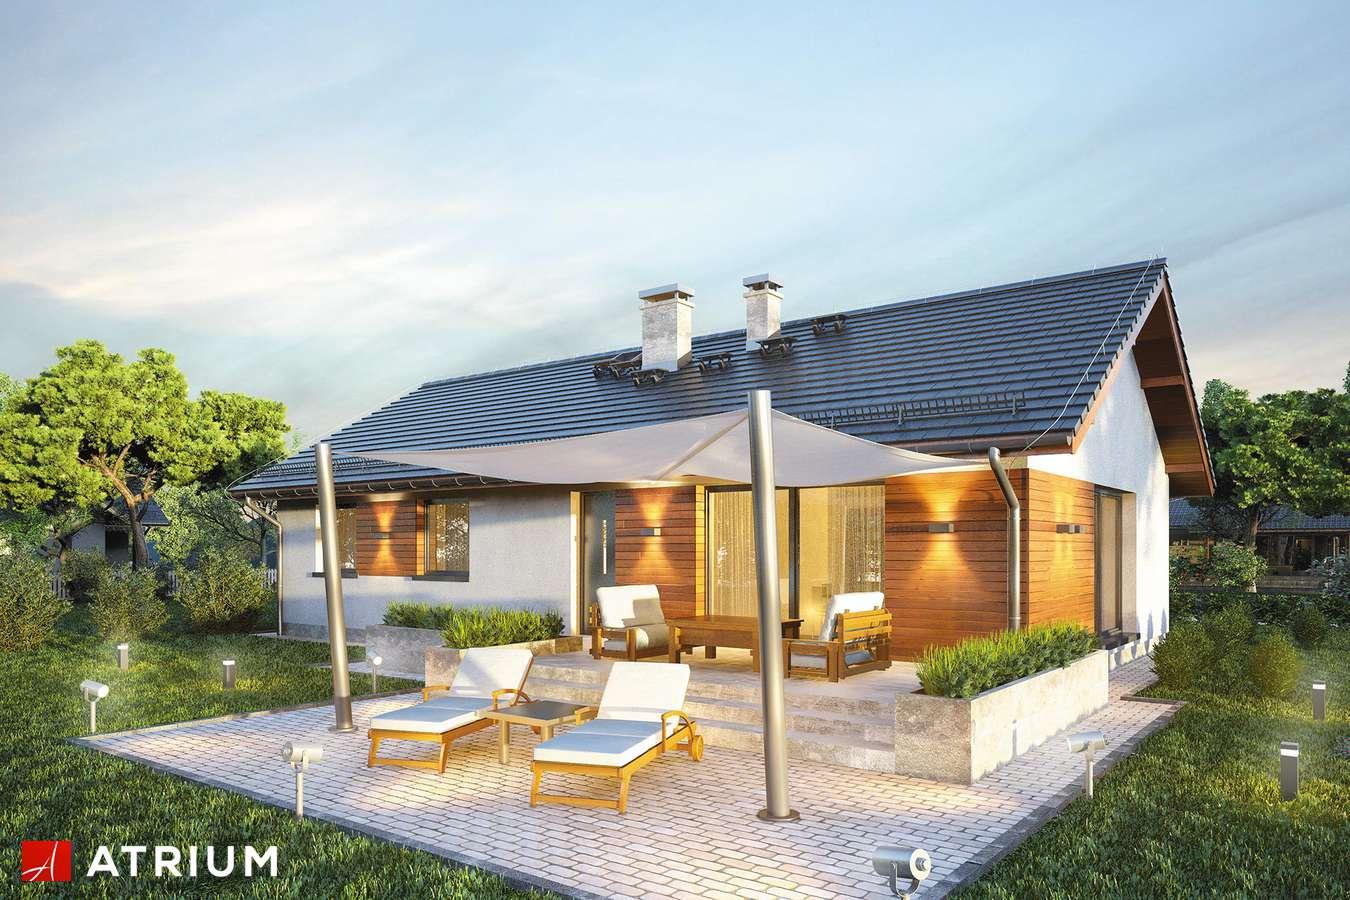 Projekty domów - Projekt domu parterowego AURORA MAXI - wizualizacja 2 - wersja lustrzana